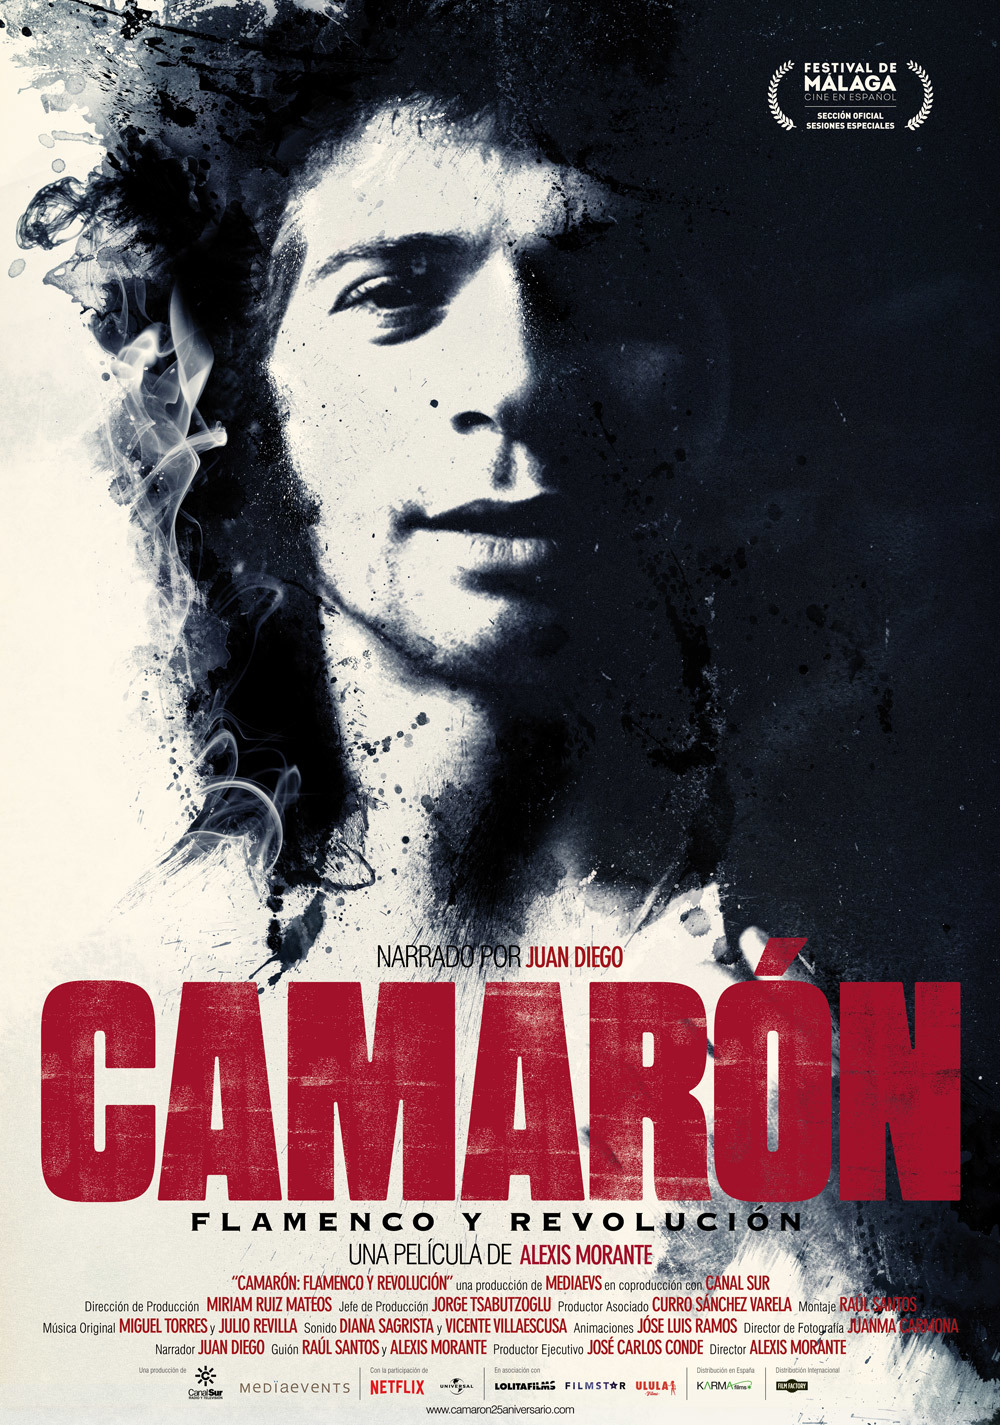 Cartel de Camarón: Flamenco y revolución